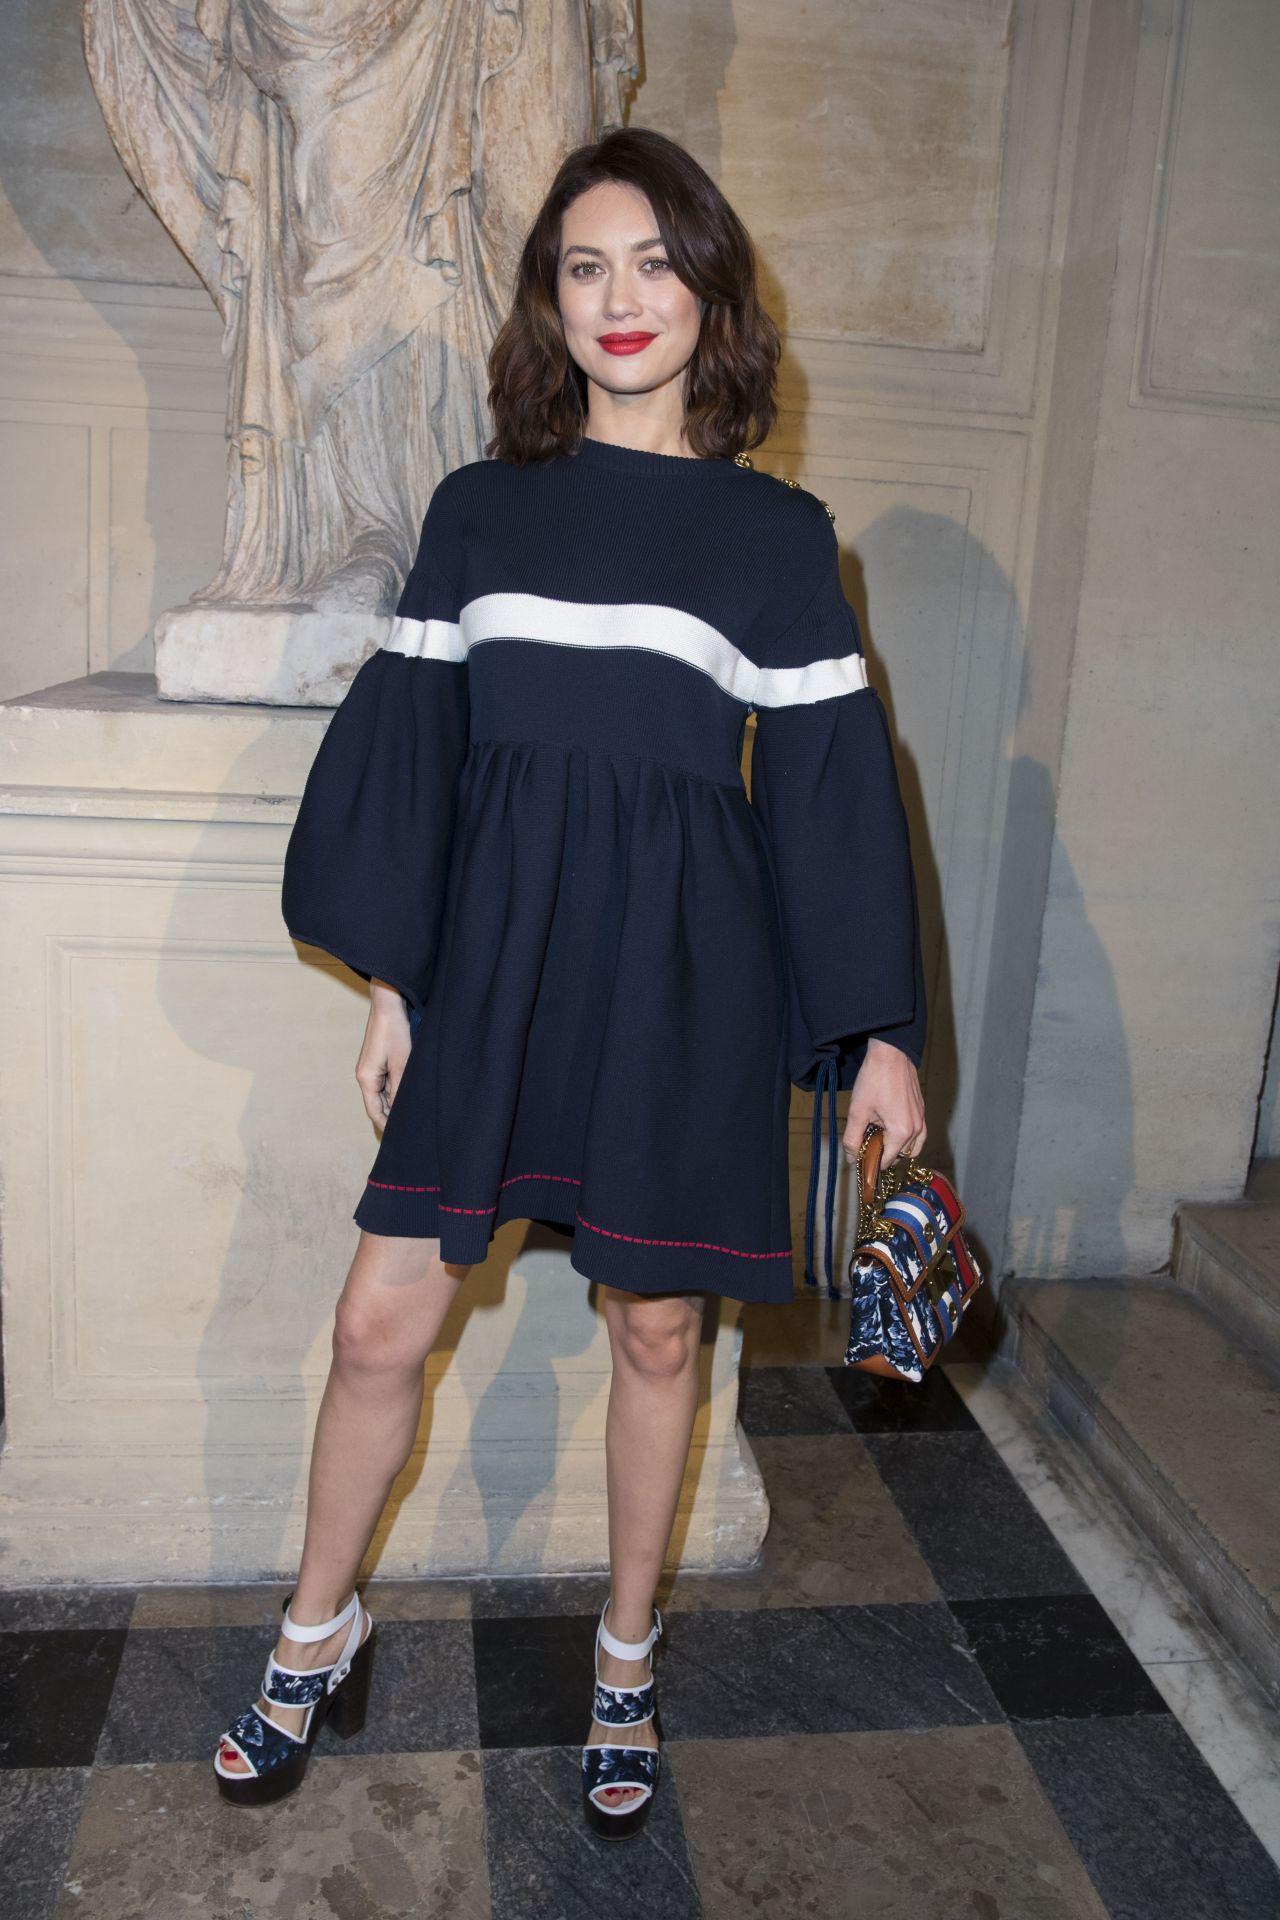 Olga Kurylenko - Sonia Rykiel Fashion Show in Paris 3/4/ 2017